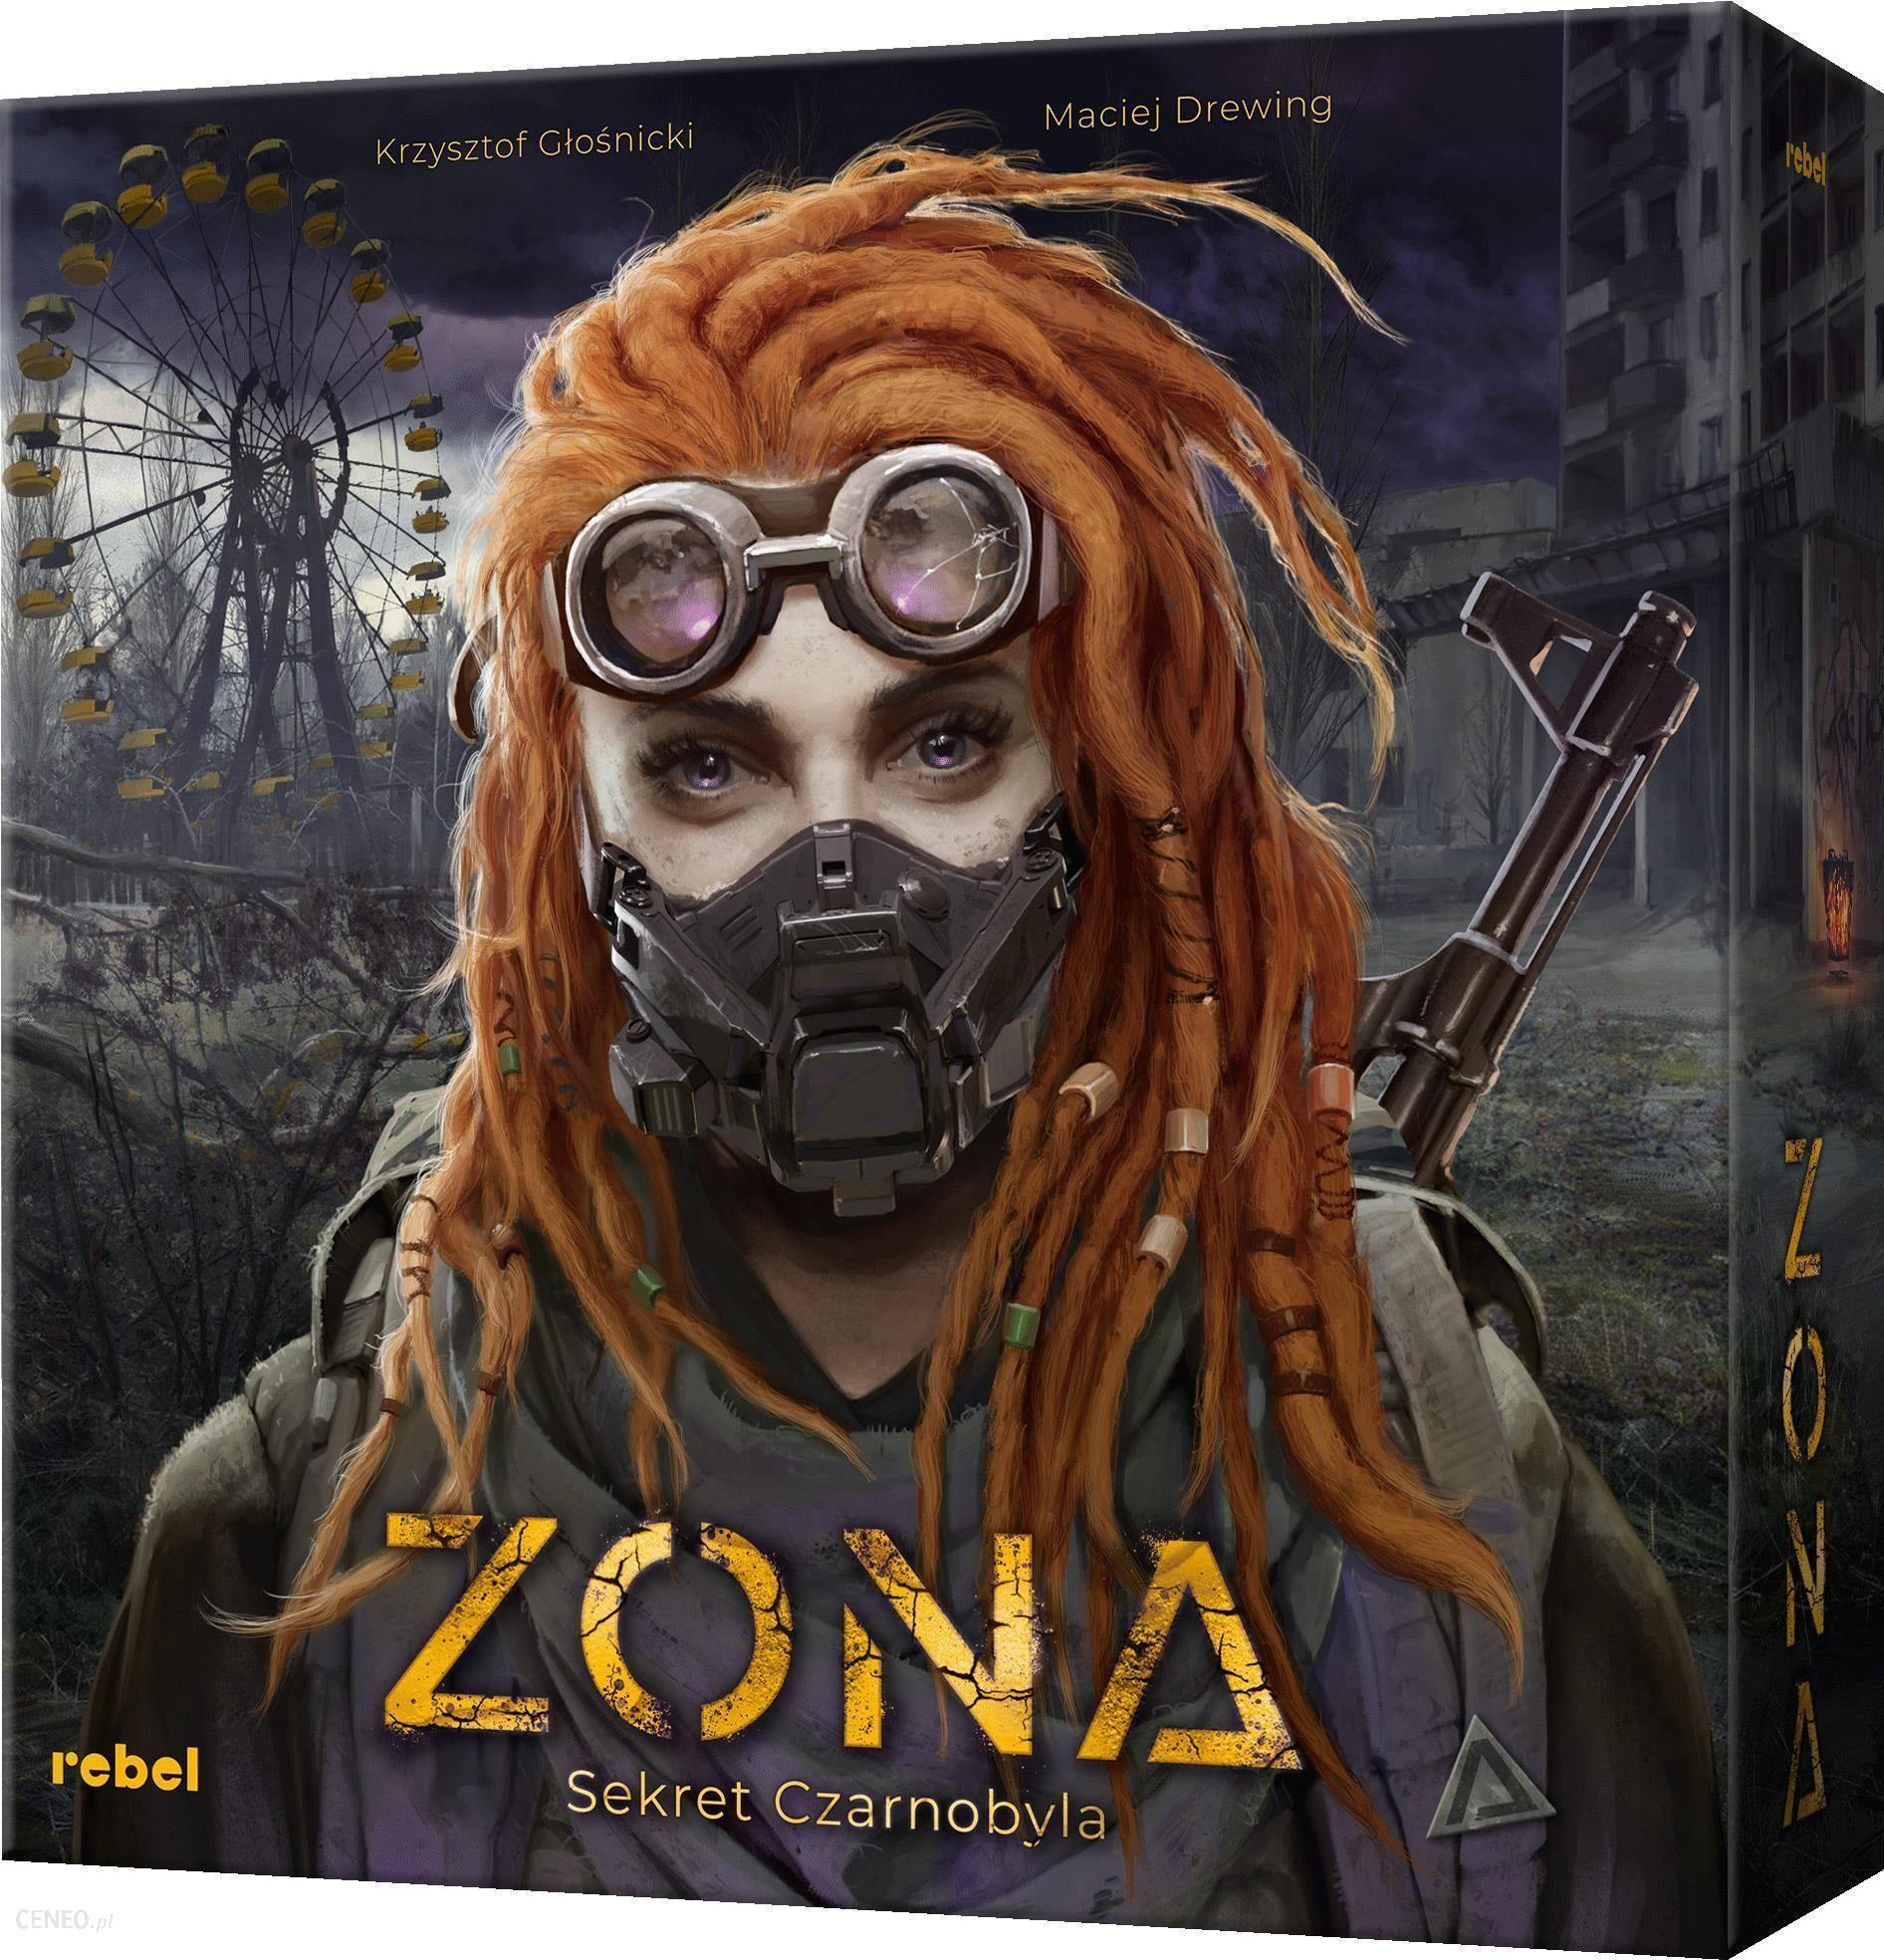 """Stalo žaidimas """"Rebel Zona: Černobylio paslaptis"""""""